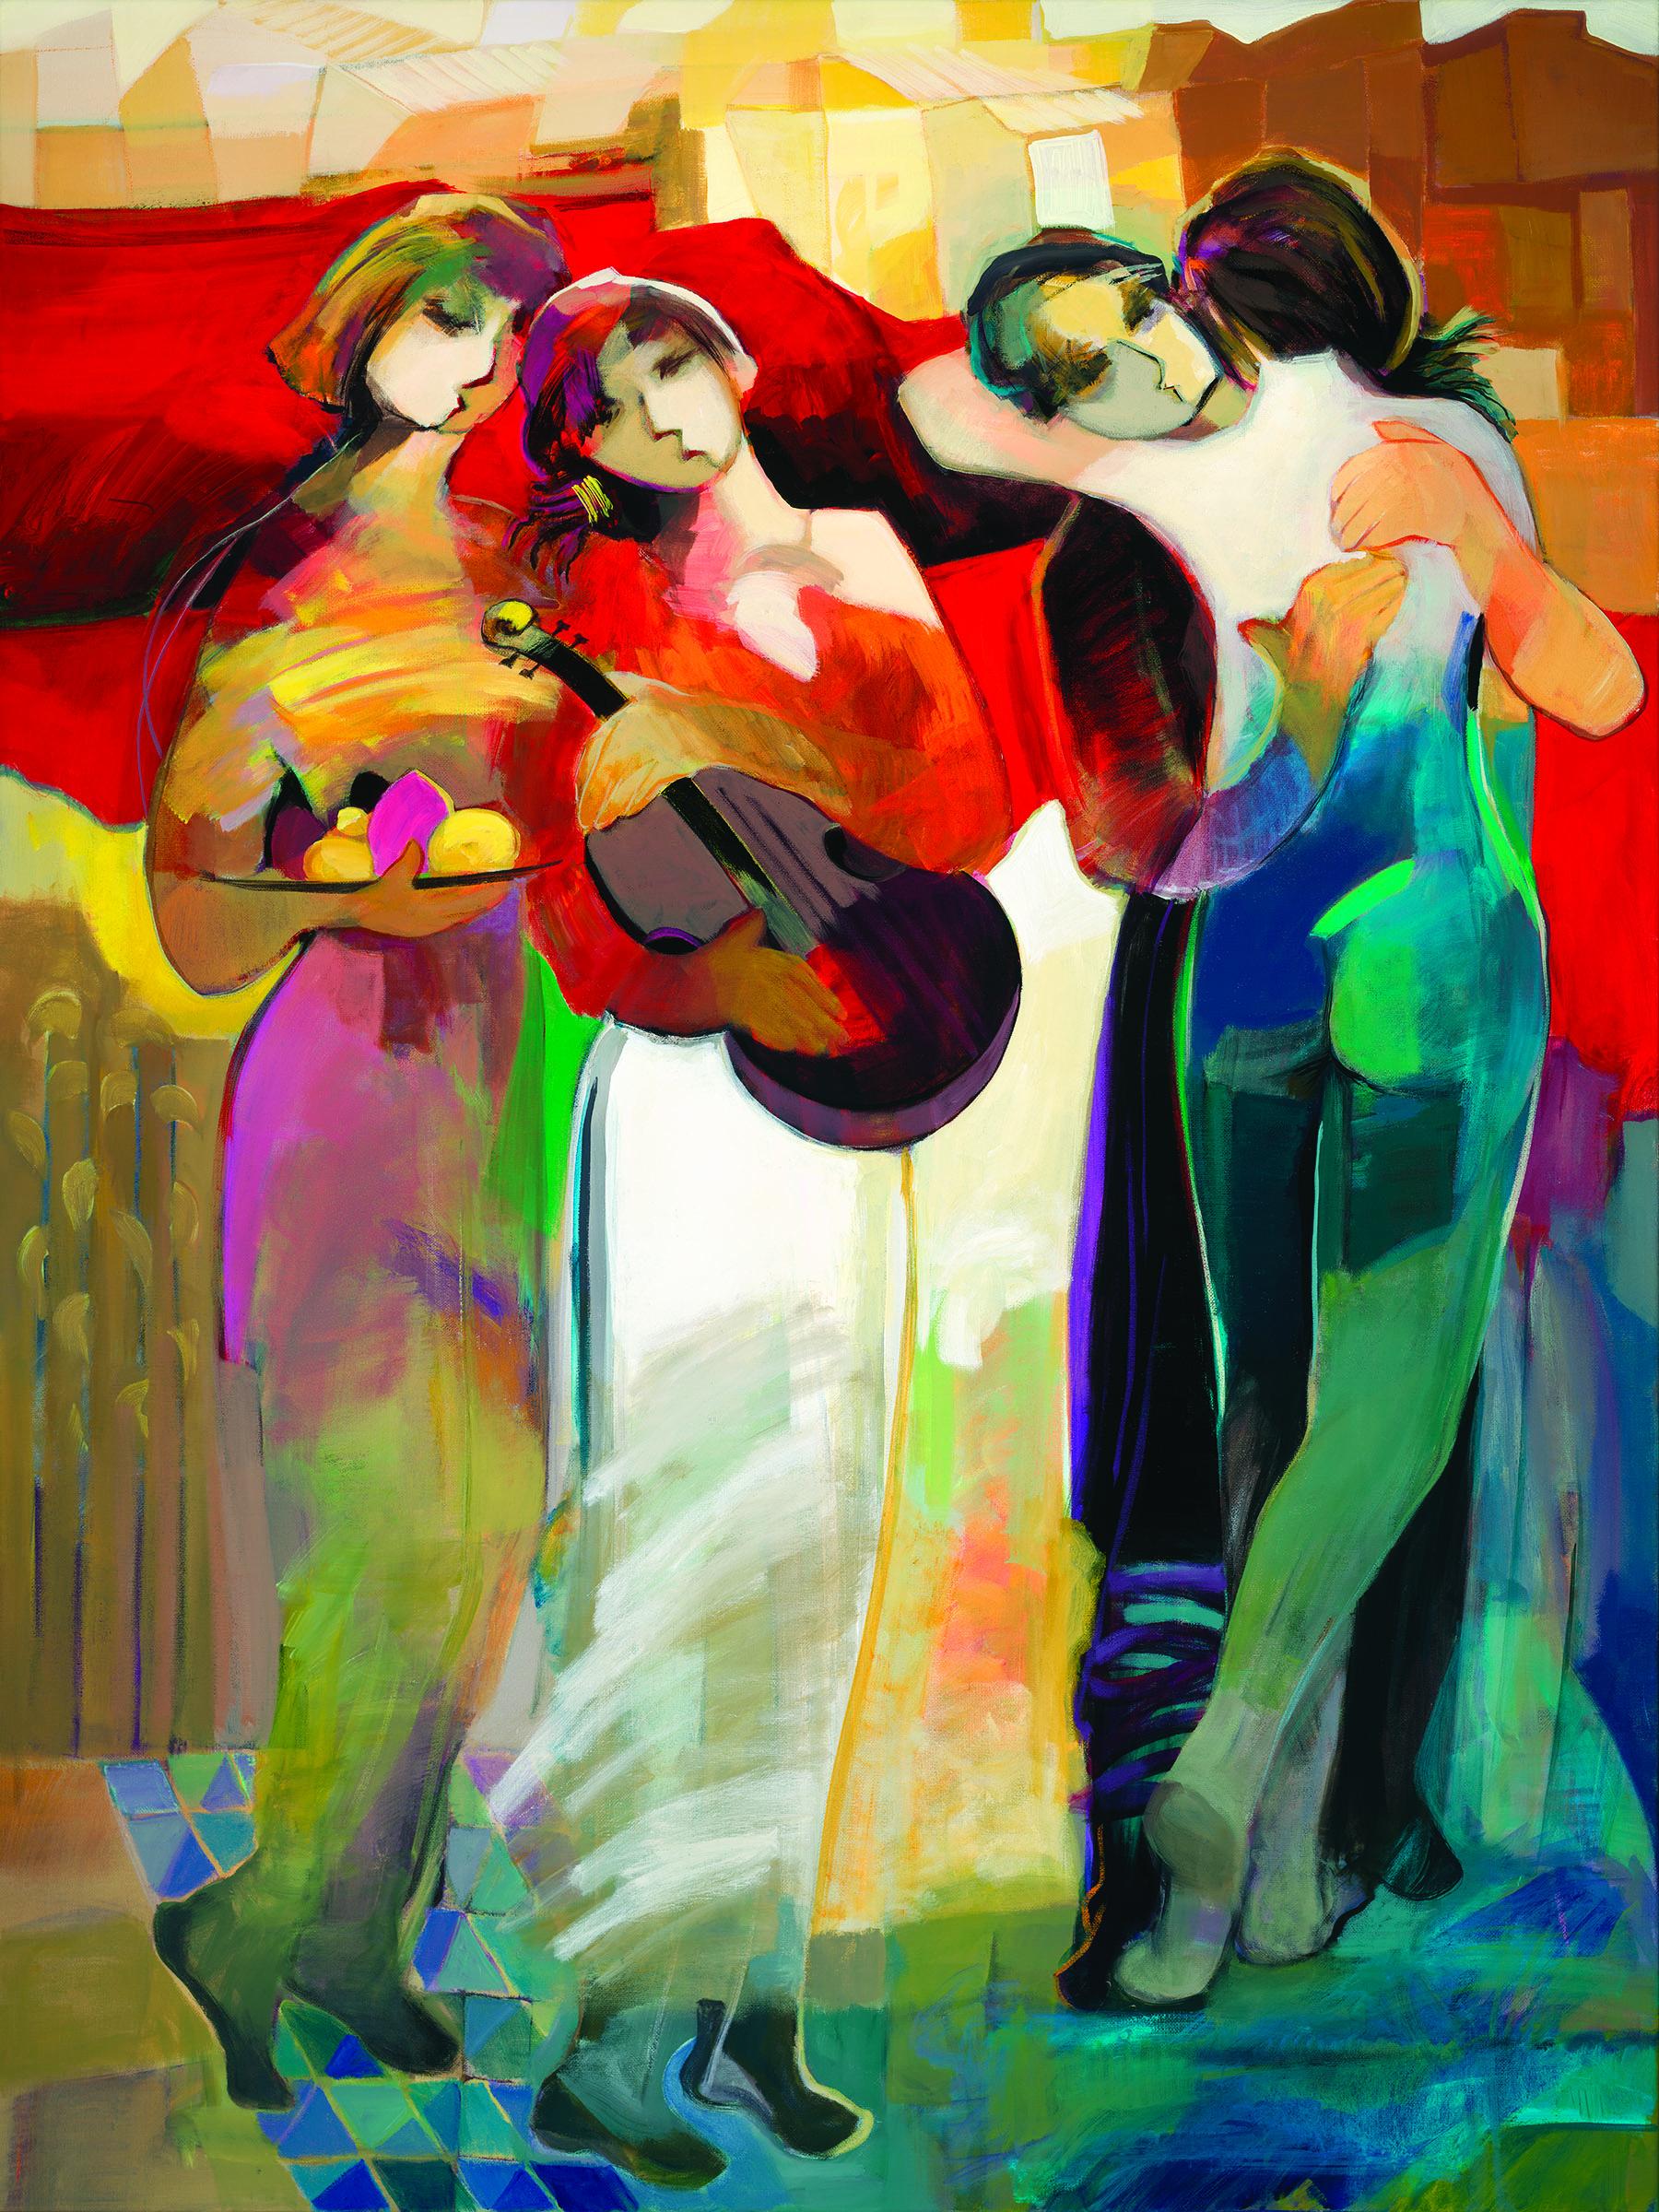 Hessam Abrishami - Morning Glory